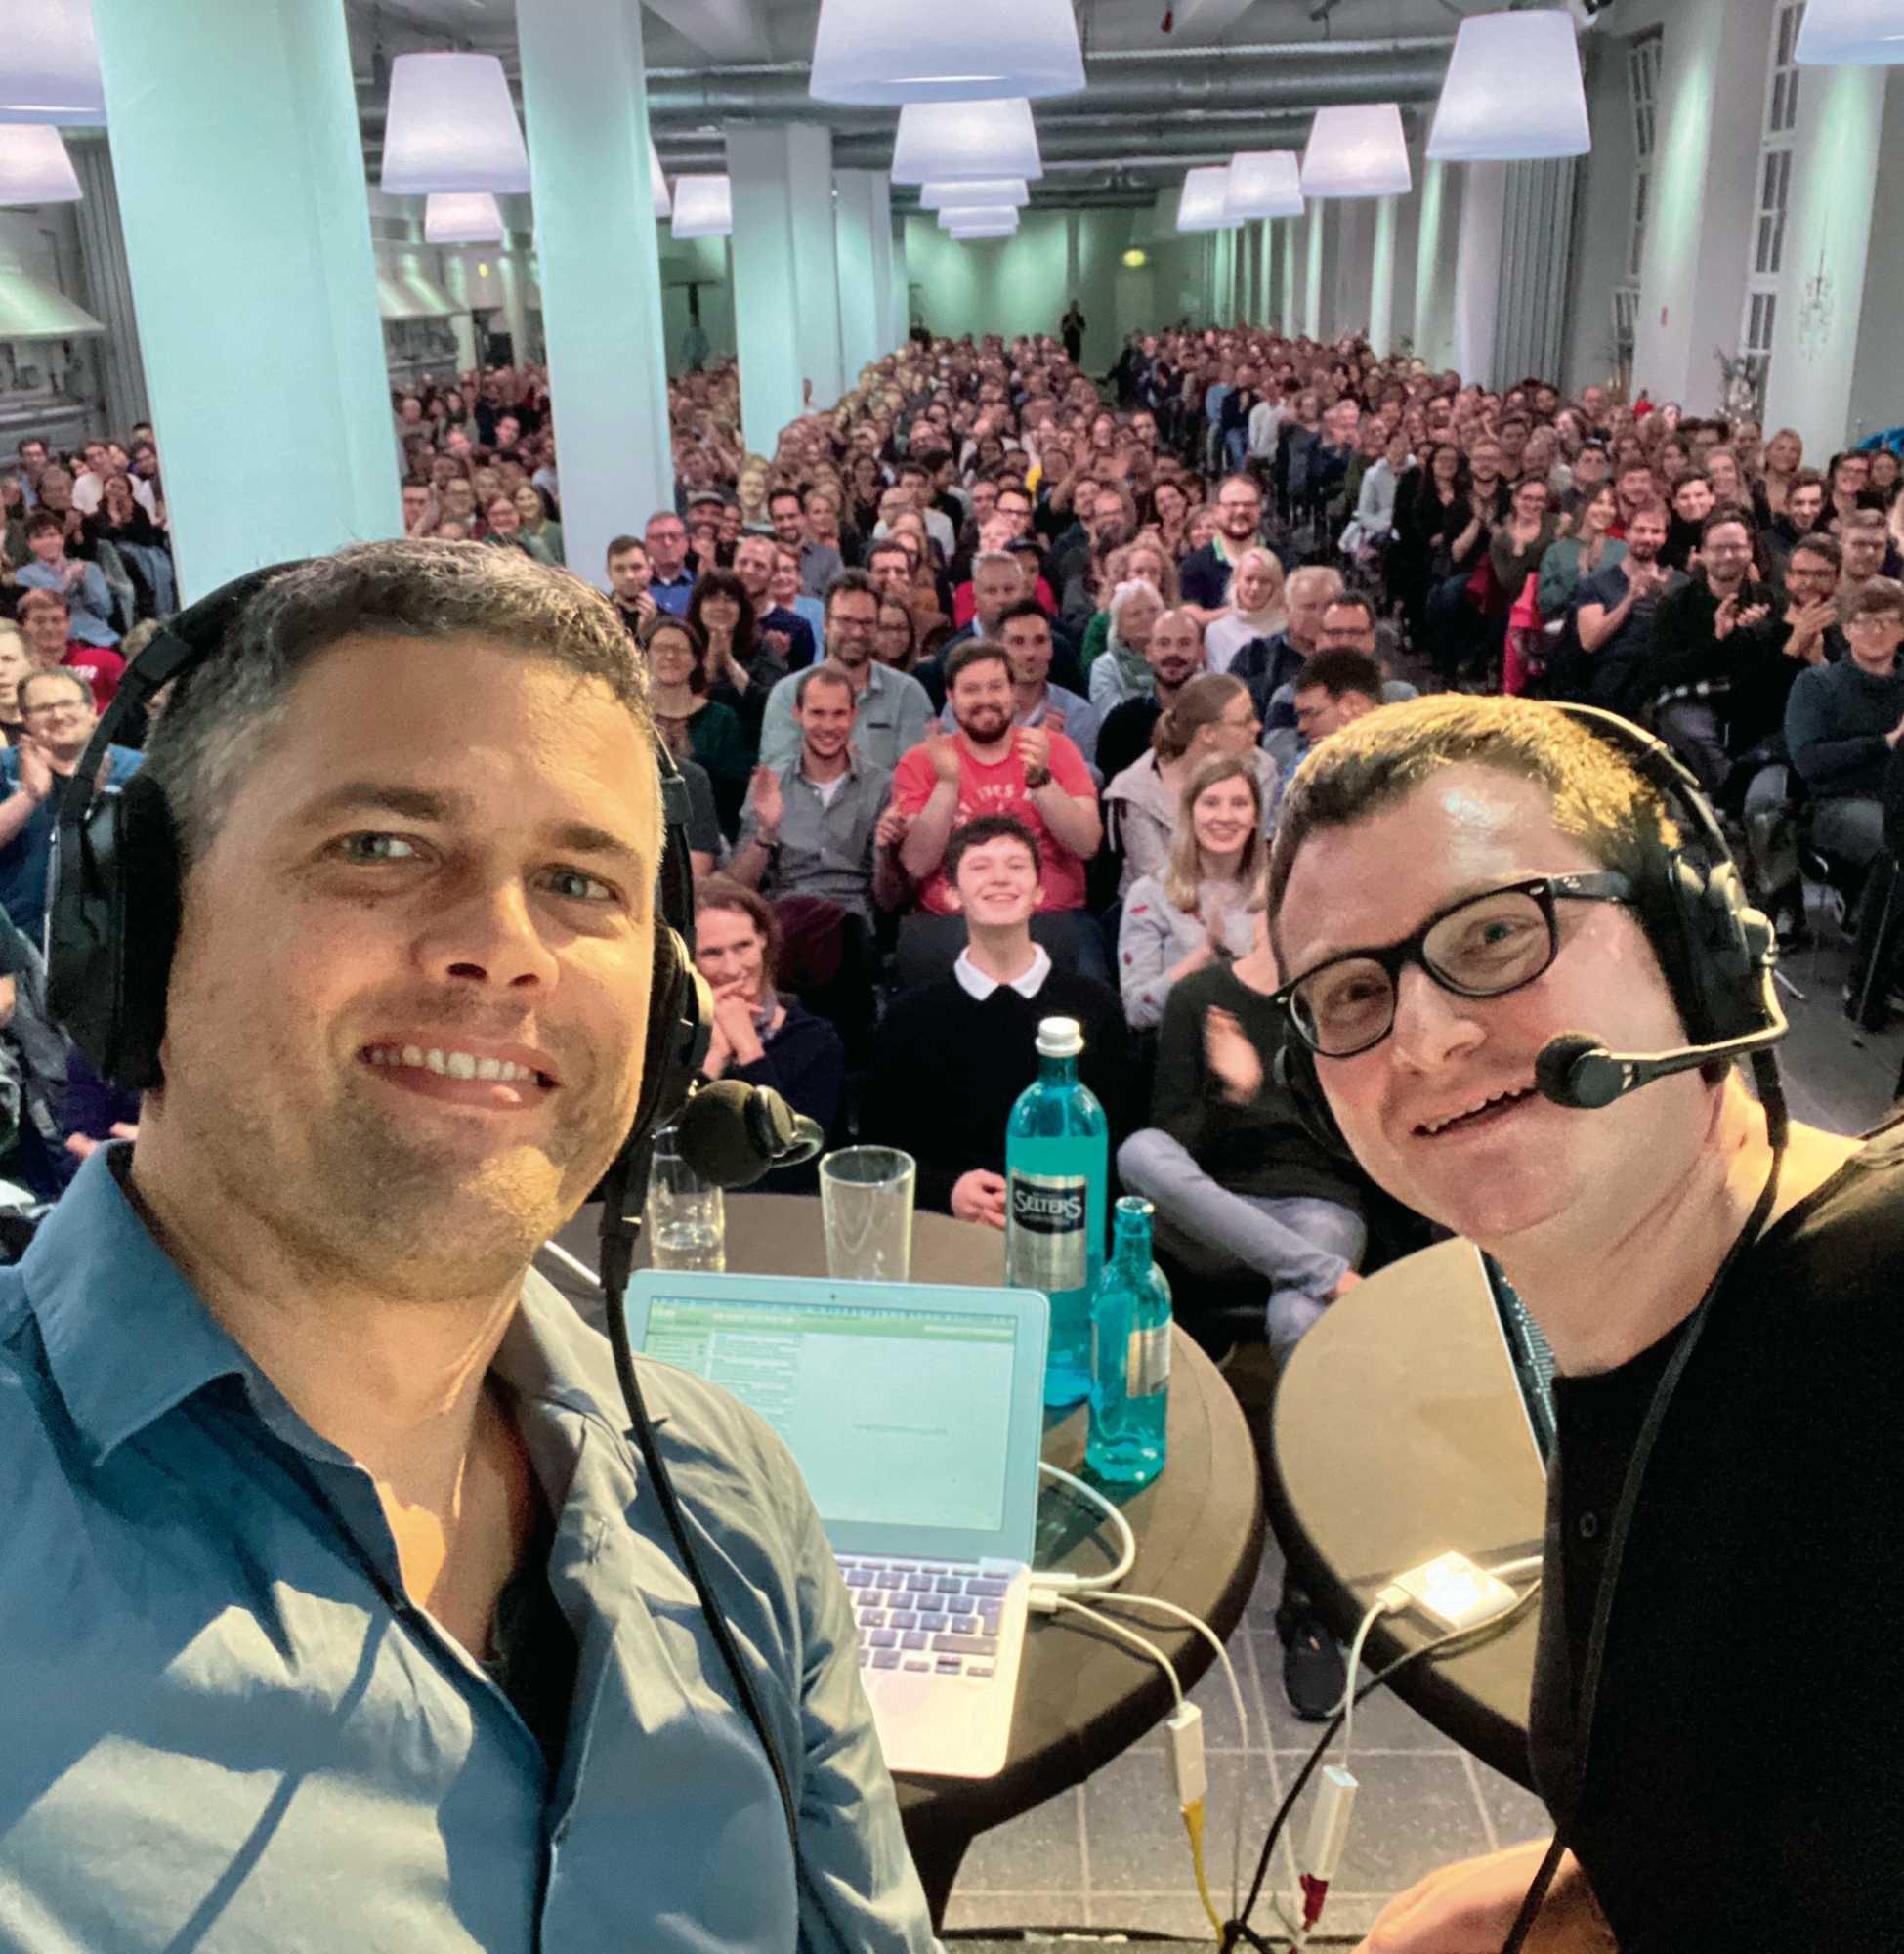 Philip Banse (links) und Ulf Buermeyer (rechts) podcasten live vor ihrem Publikum in Münster. Die Sendung steht wenige Stunden später im Catcher bereit.